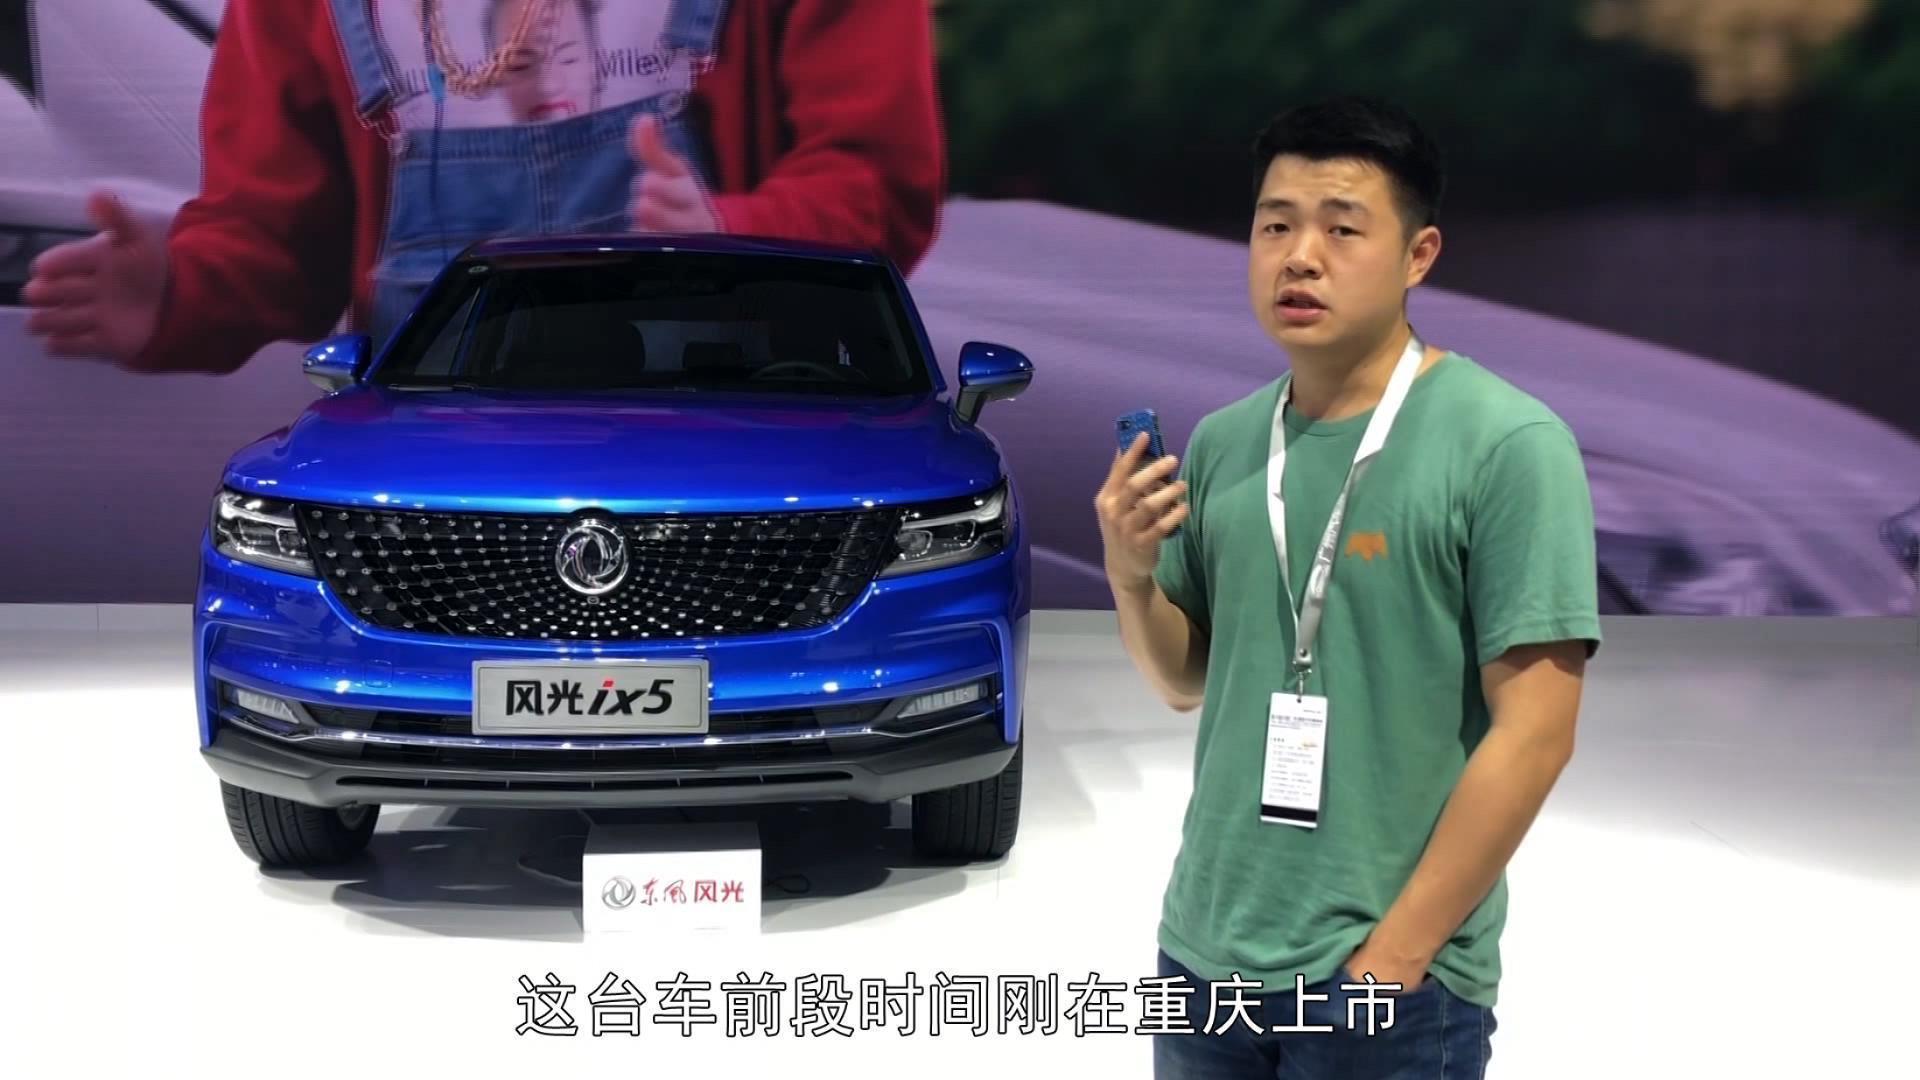 10万能买的轿跑SUV 广州车展辣评东风风光iX5